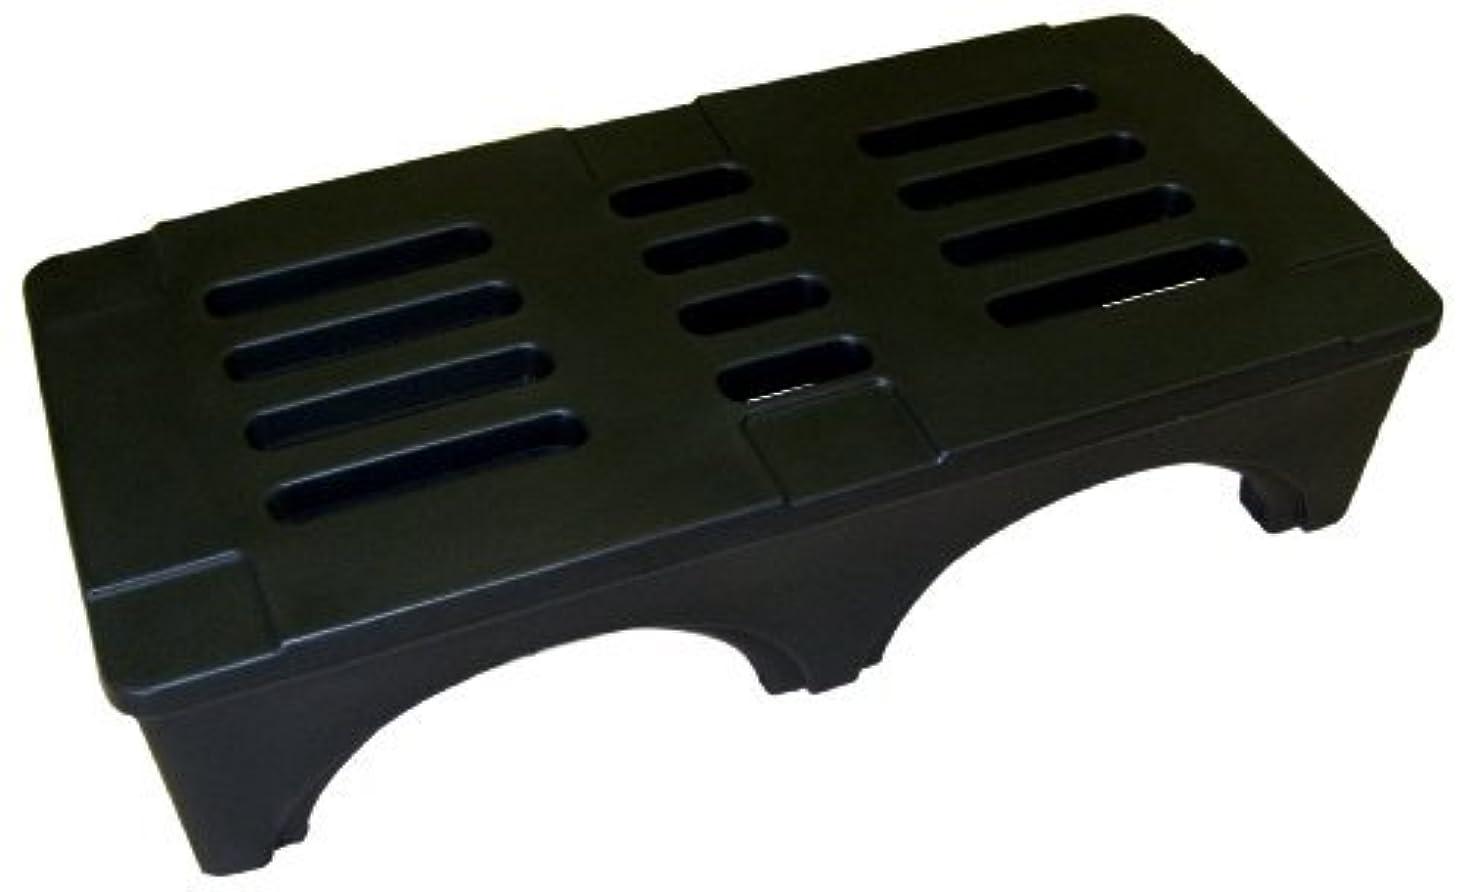 トレイルアカデミー服を洗うForte Products 8002028 SureStack Plastic Dunnage and Storage Rack 3000 Lb. Load Capacity 48 L x 22 W x 12 H Black [並行輸入品]